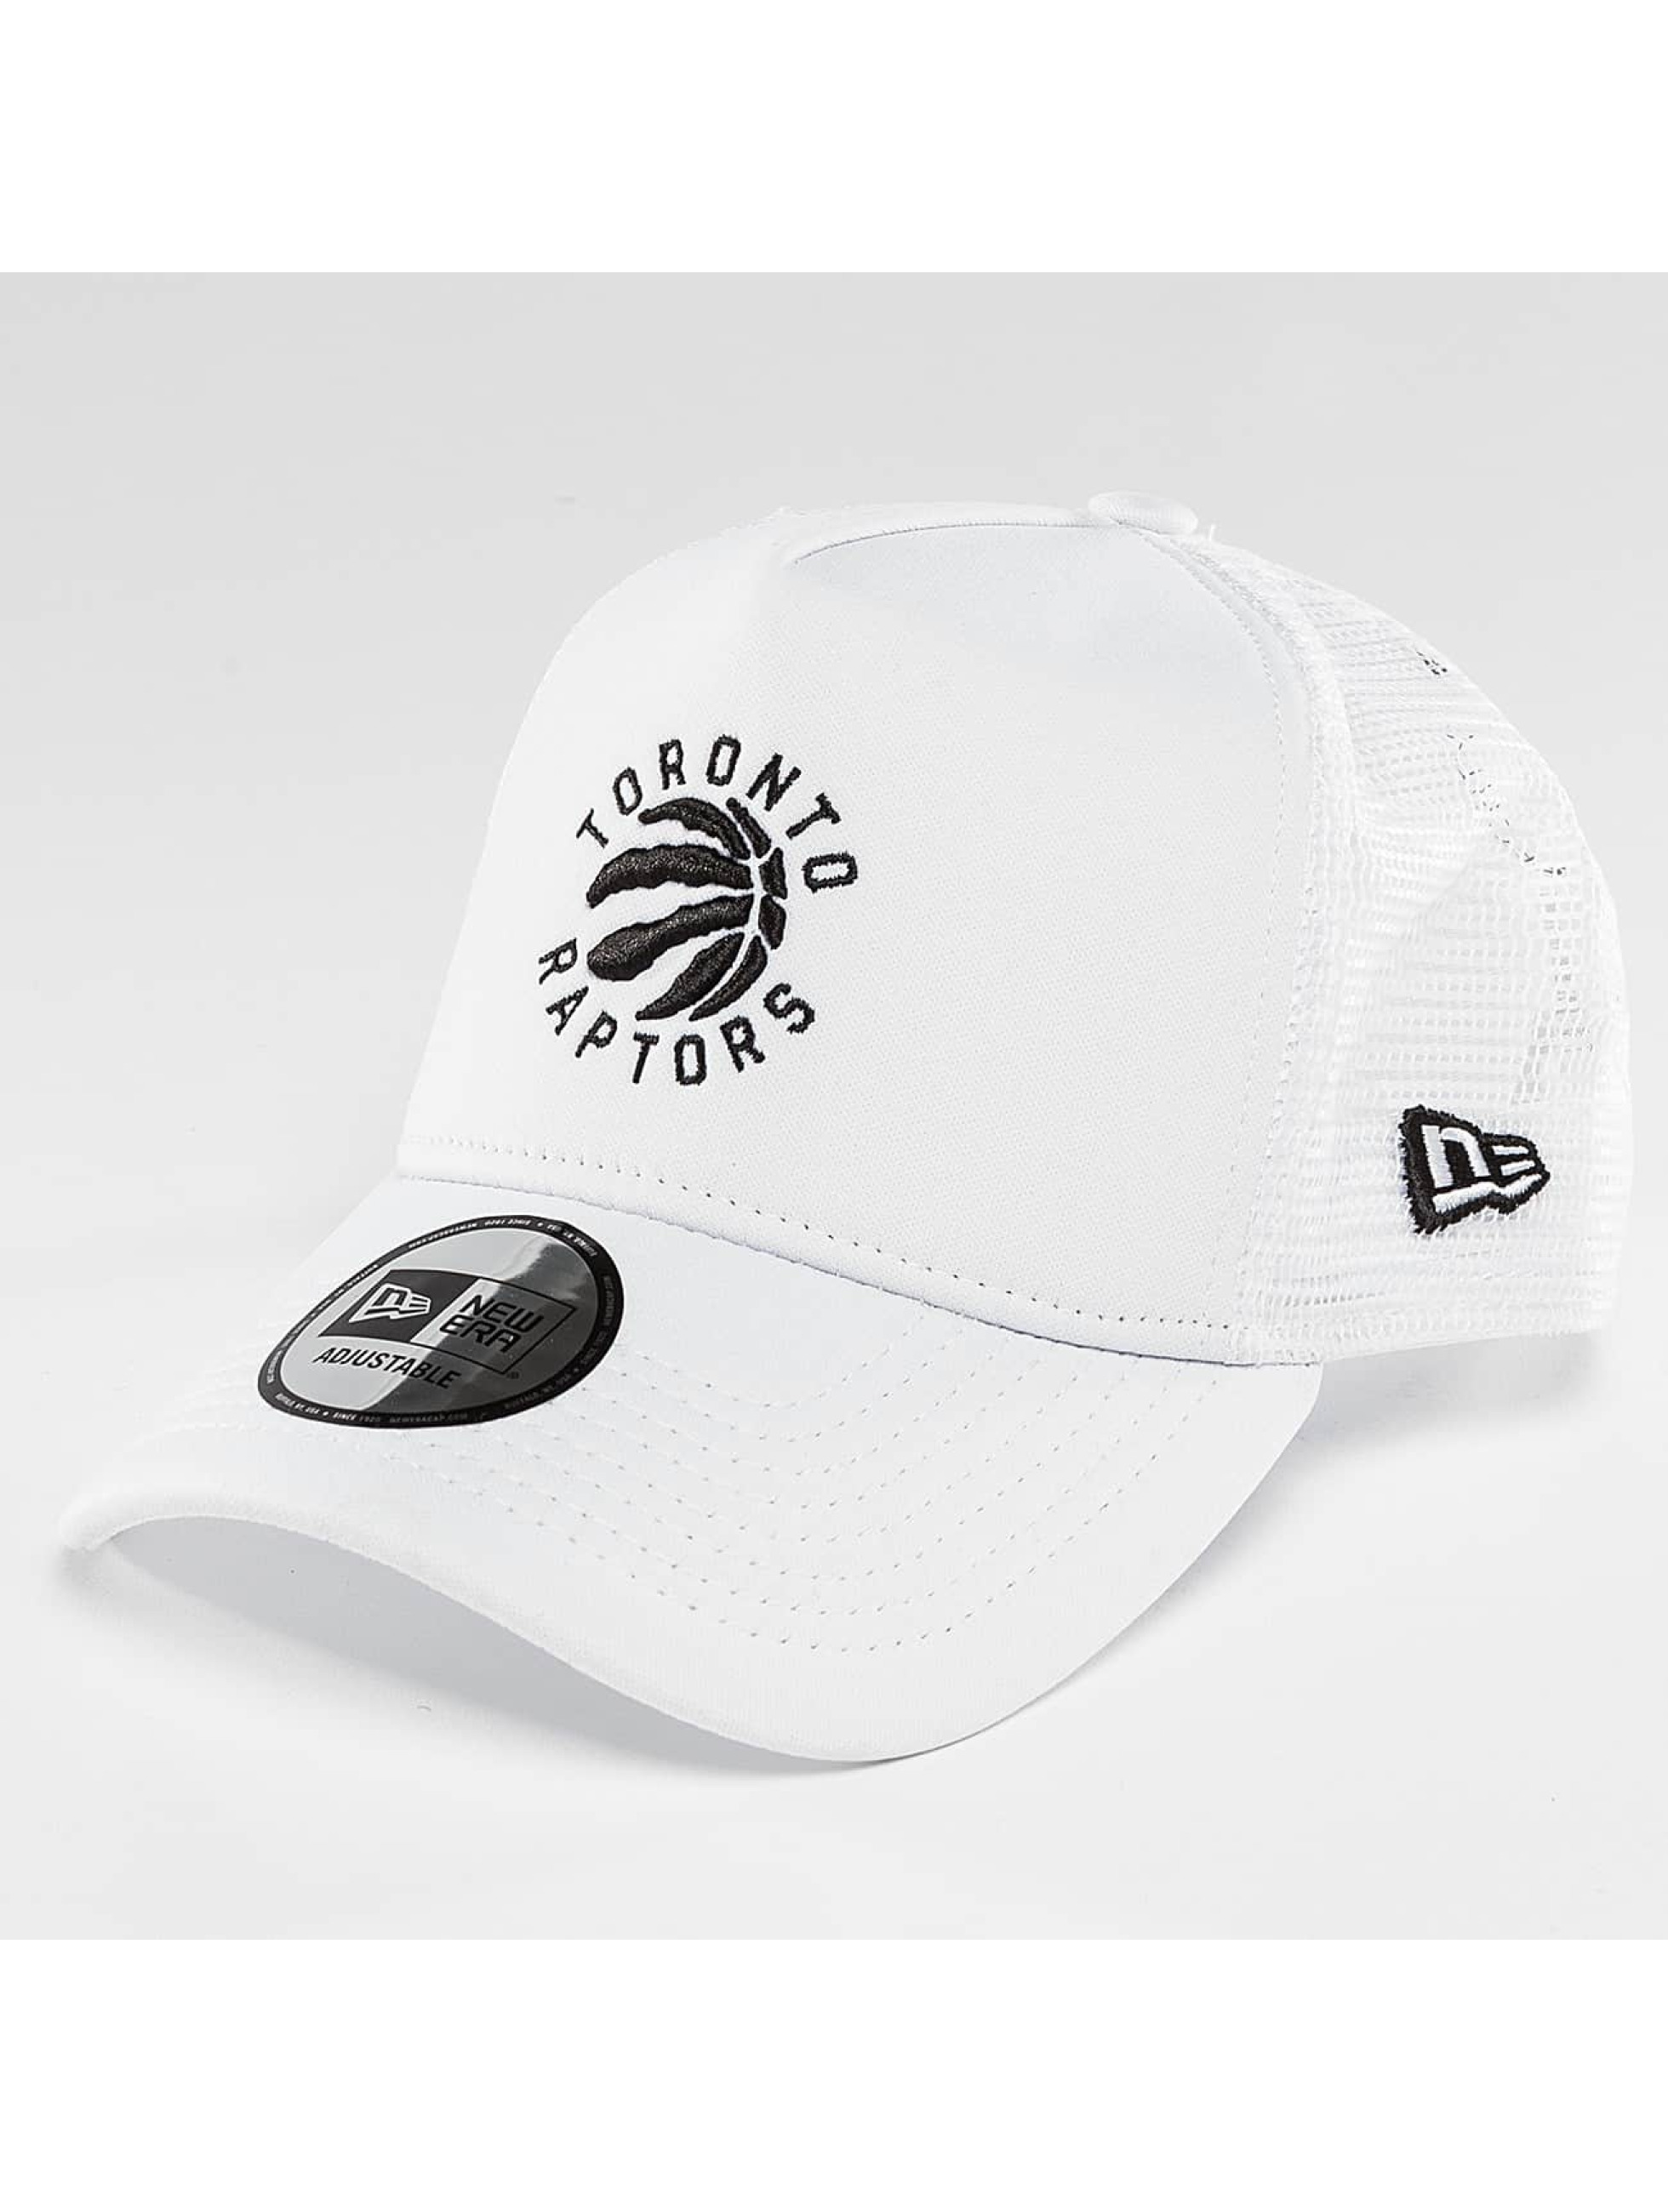 New Era Trucker Cap Classic Foam Toronto Raptors white